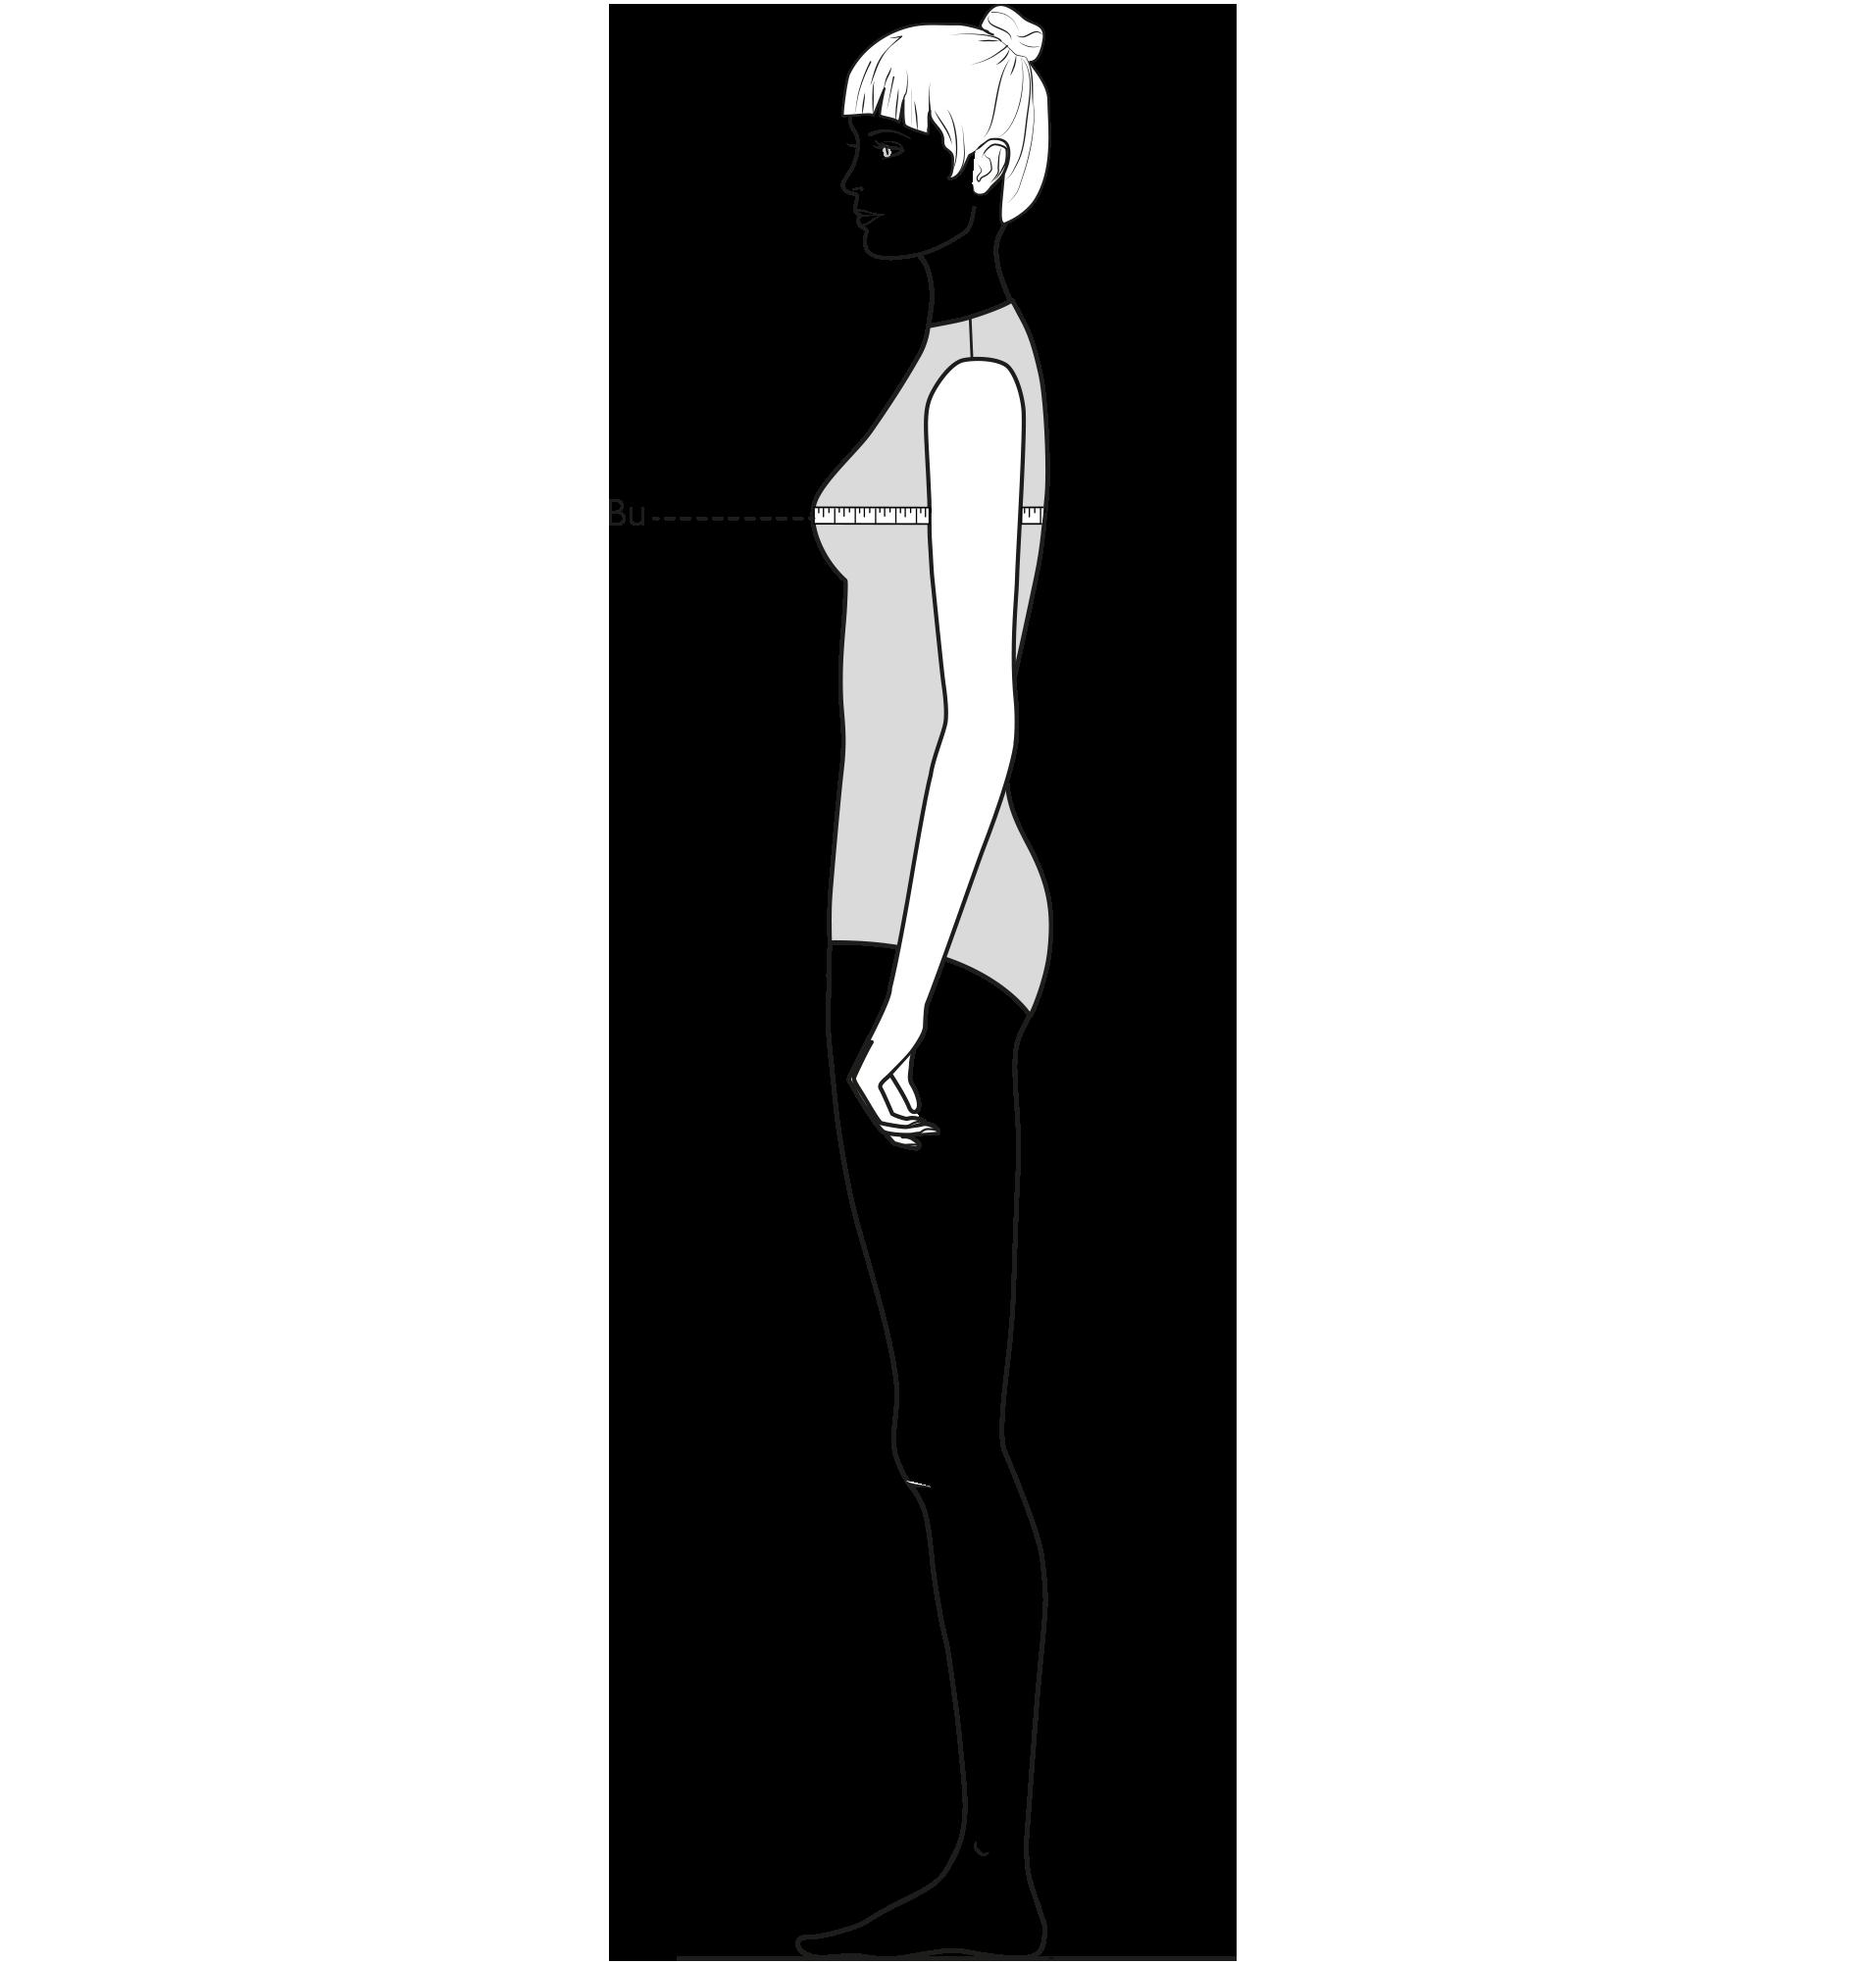 Diese Zeichnung zeigt das Messen des Brustumfangs.